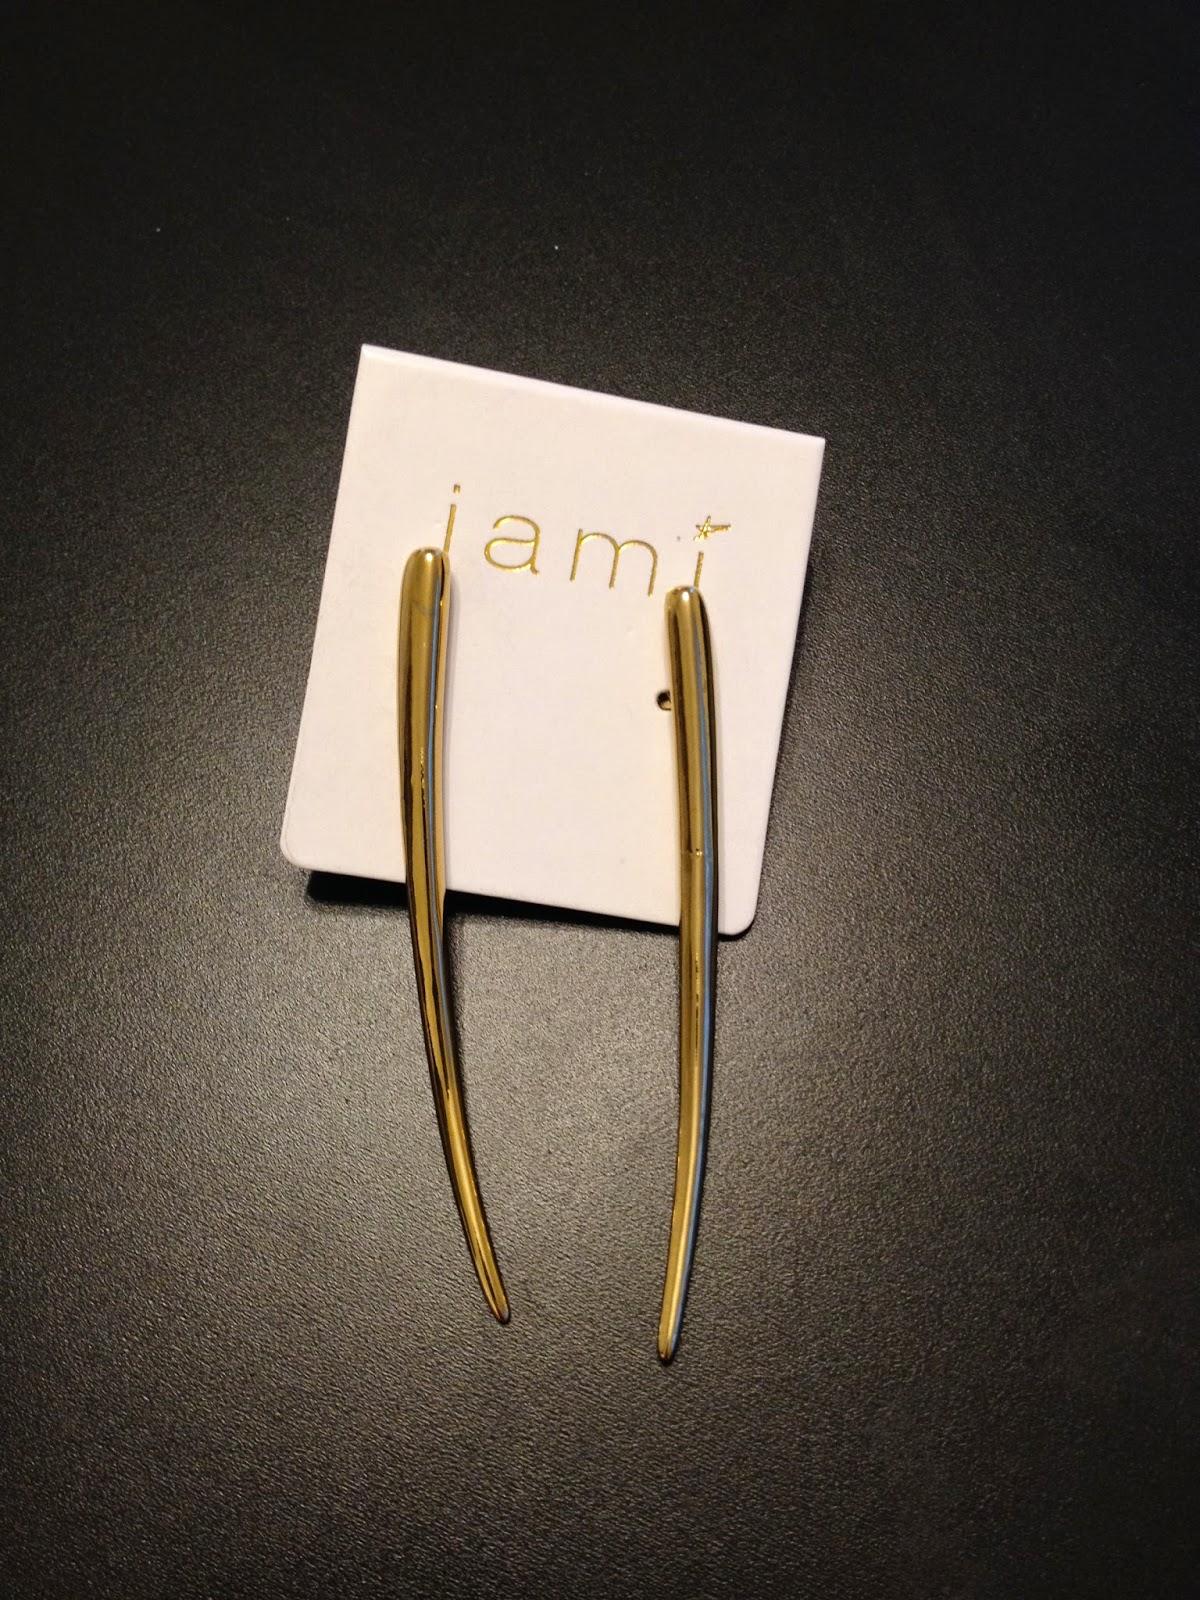 Shop Jami Jewelry